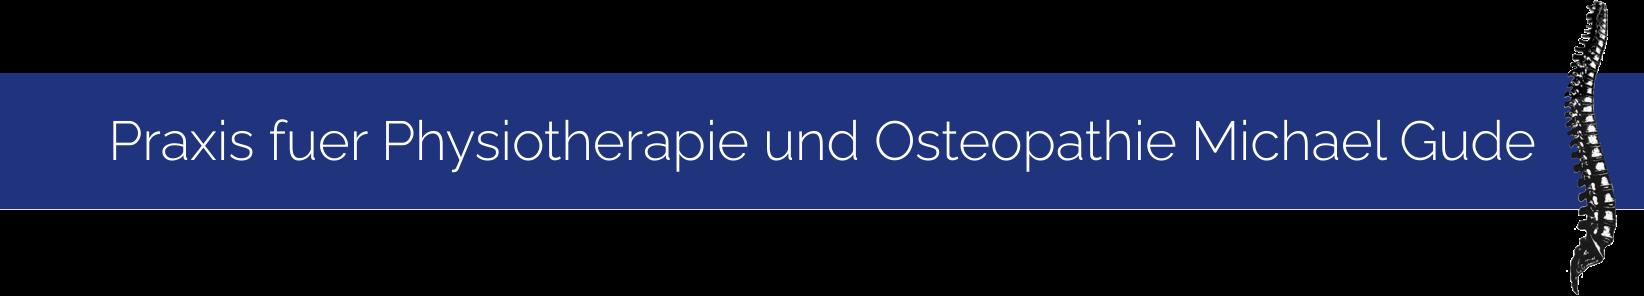 Praxis fuer Physiotherapie und Osteopathie Michael Gude